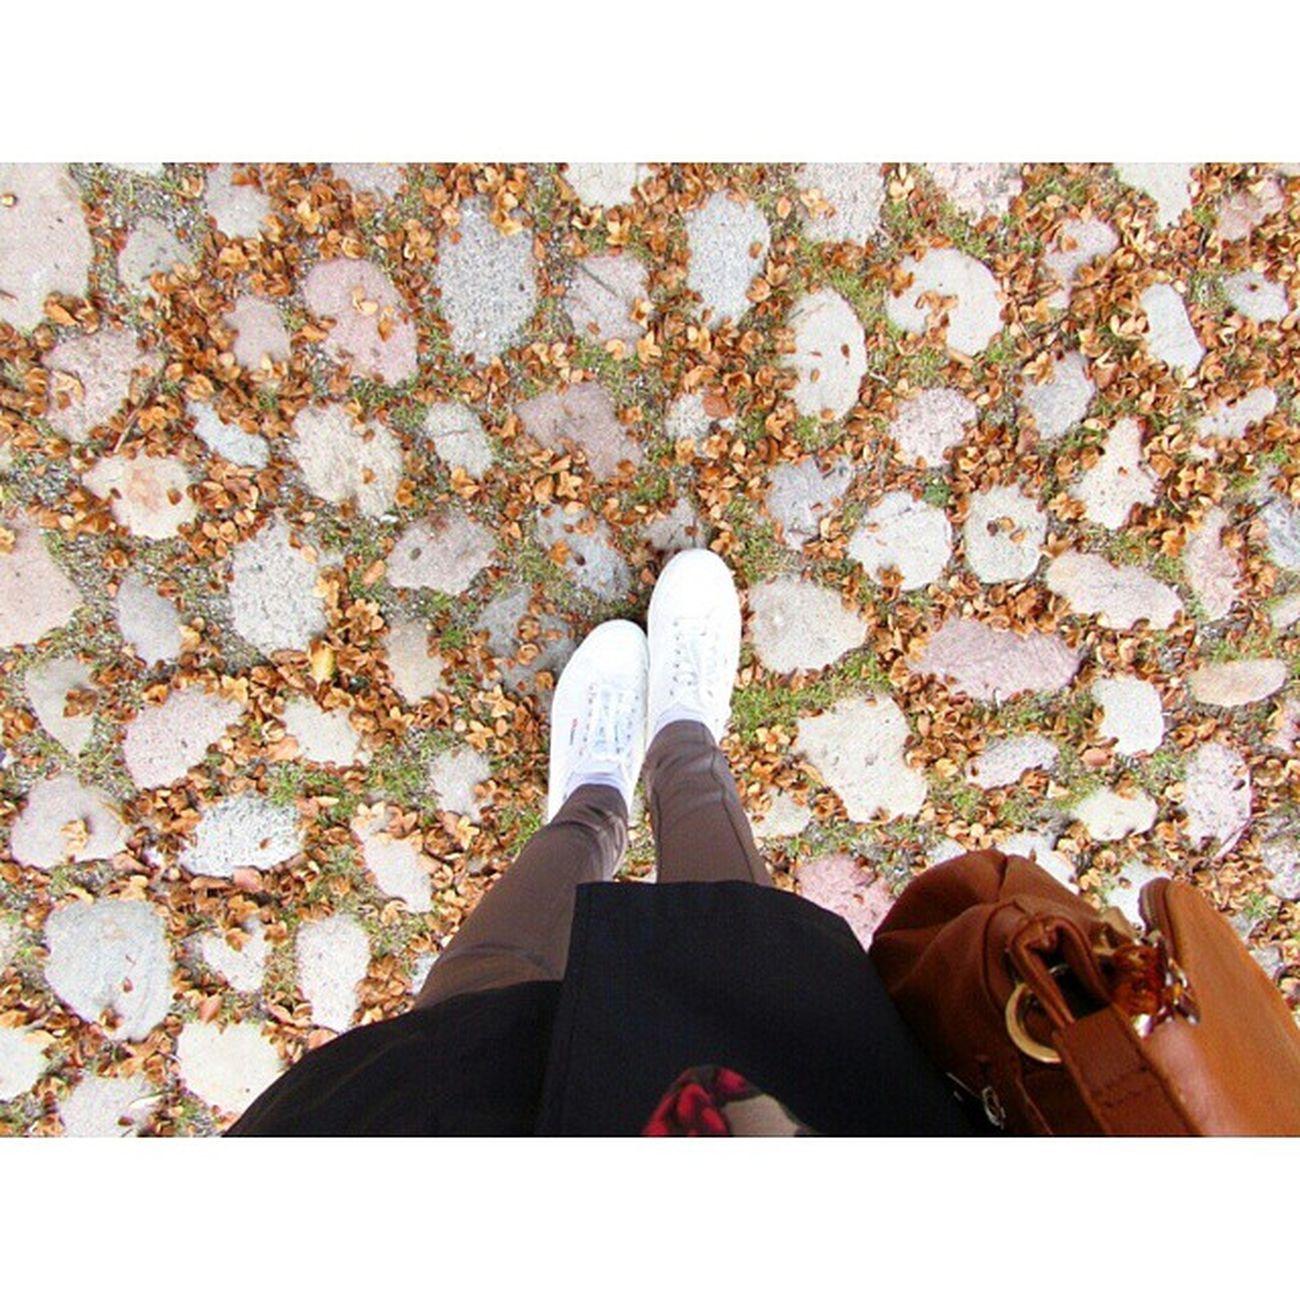 Camminare Foglie Autunno  Scarpe freddoritornoalpassatoGermany ♥